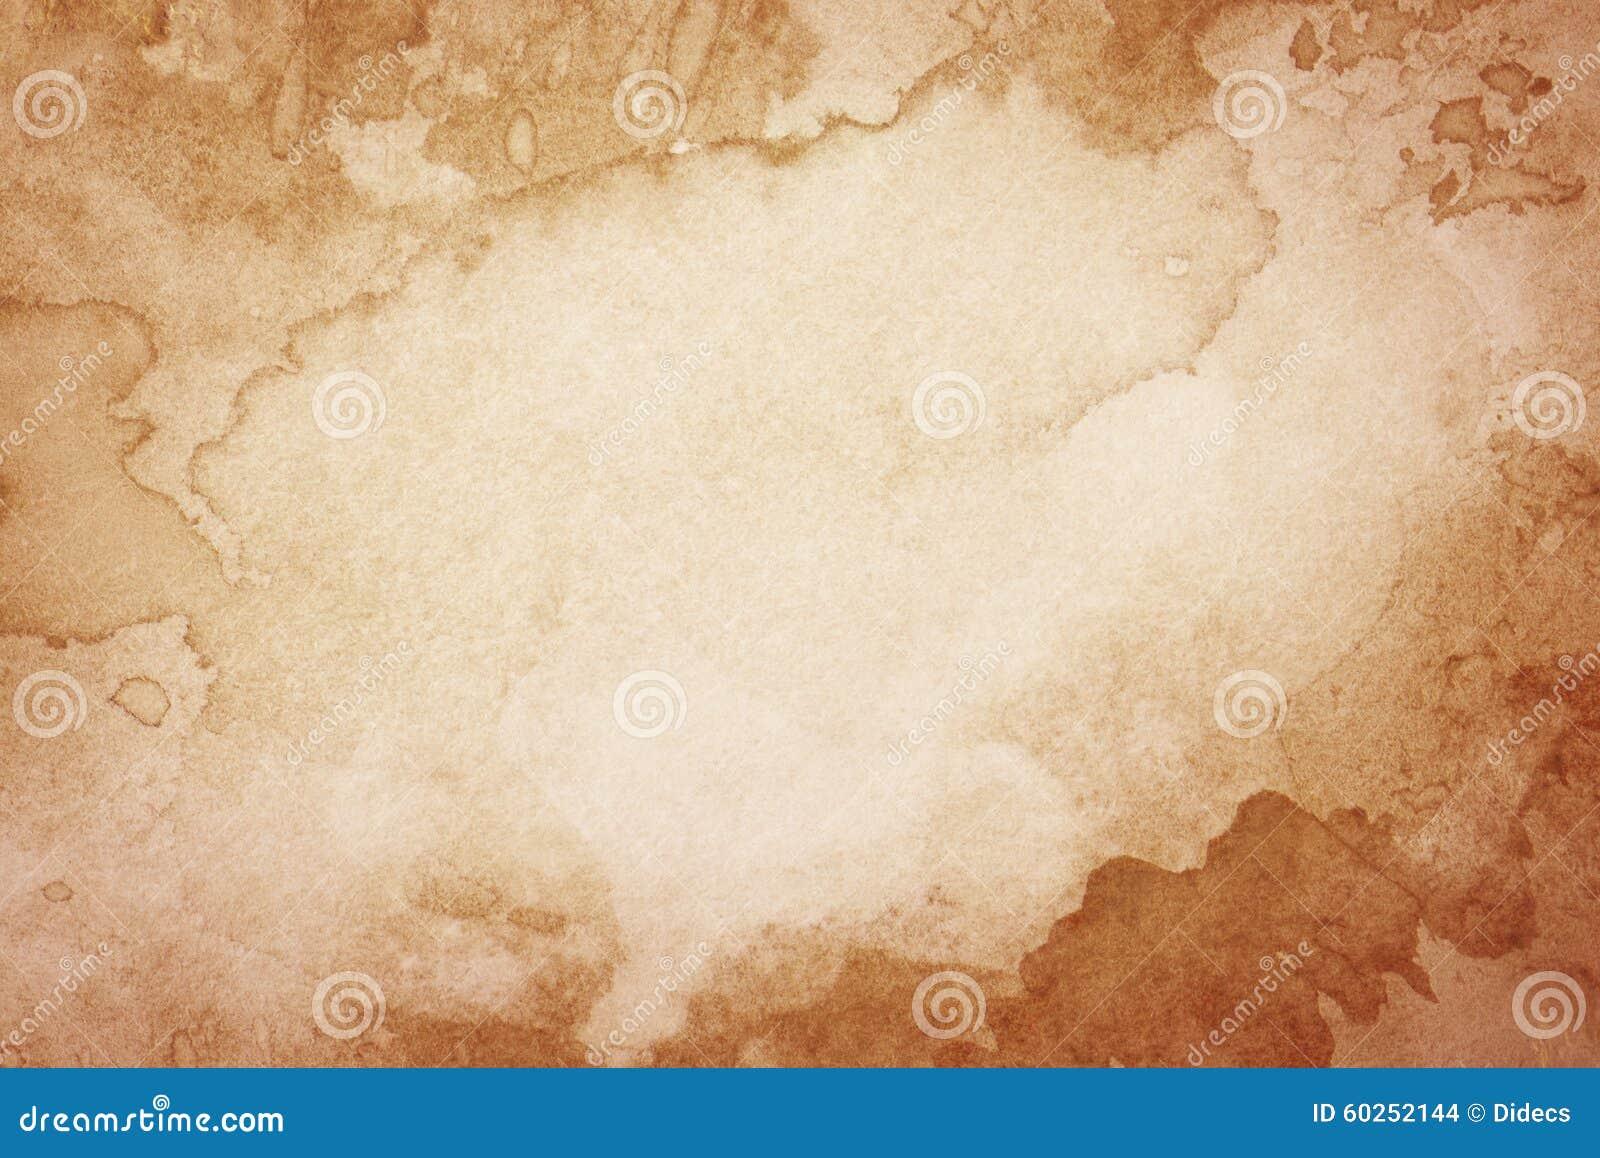 Fondo marrón artístico abstracto de la acuarela